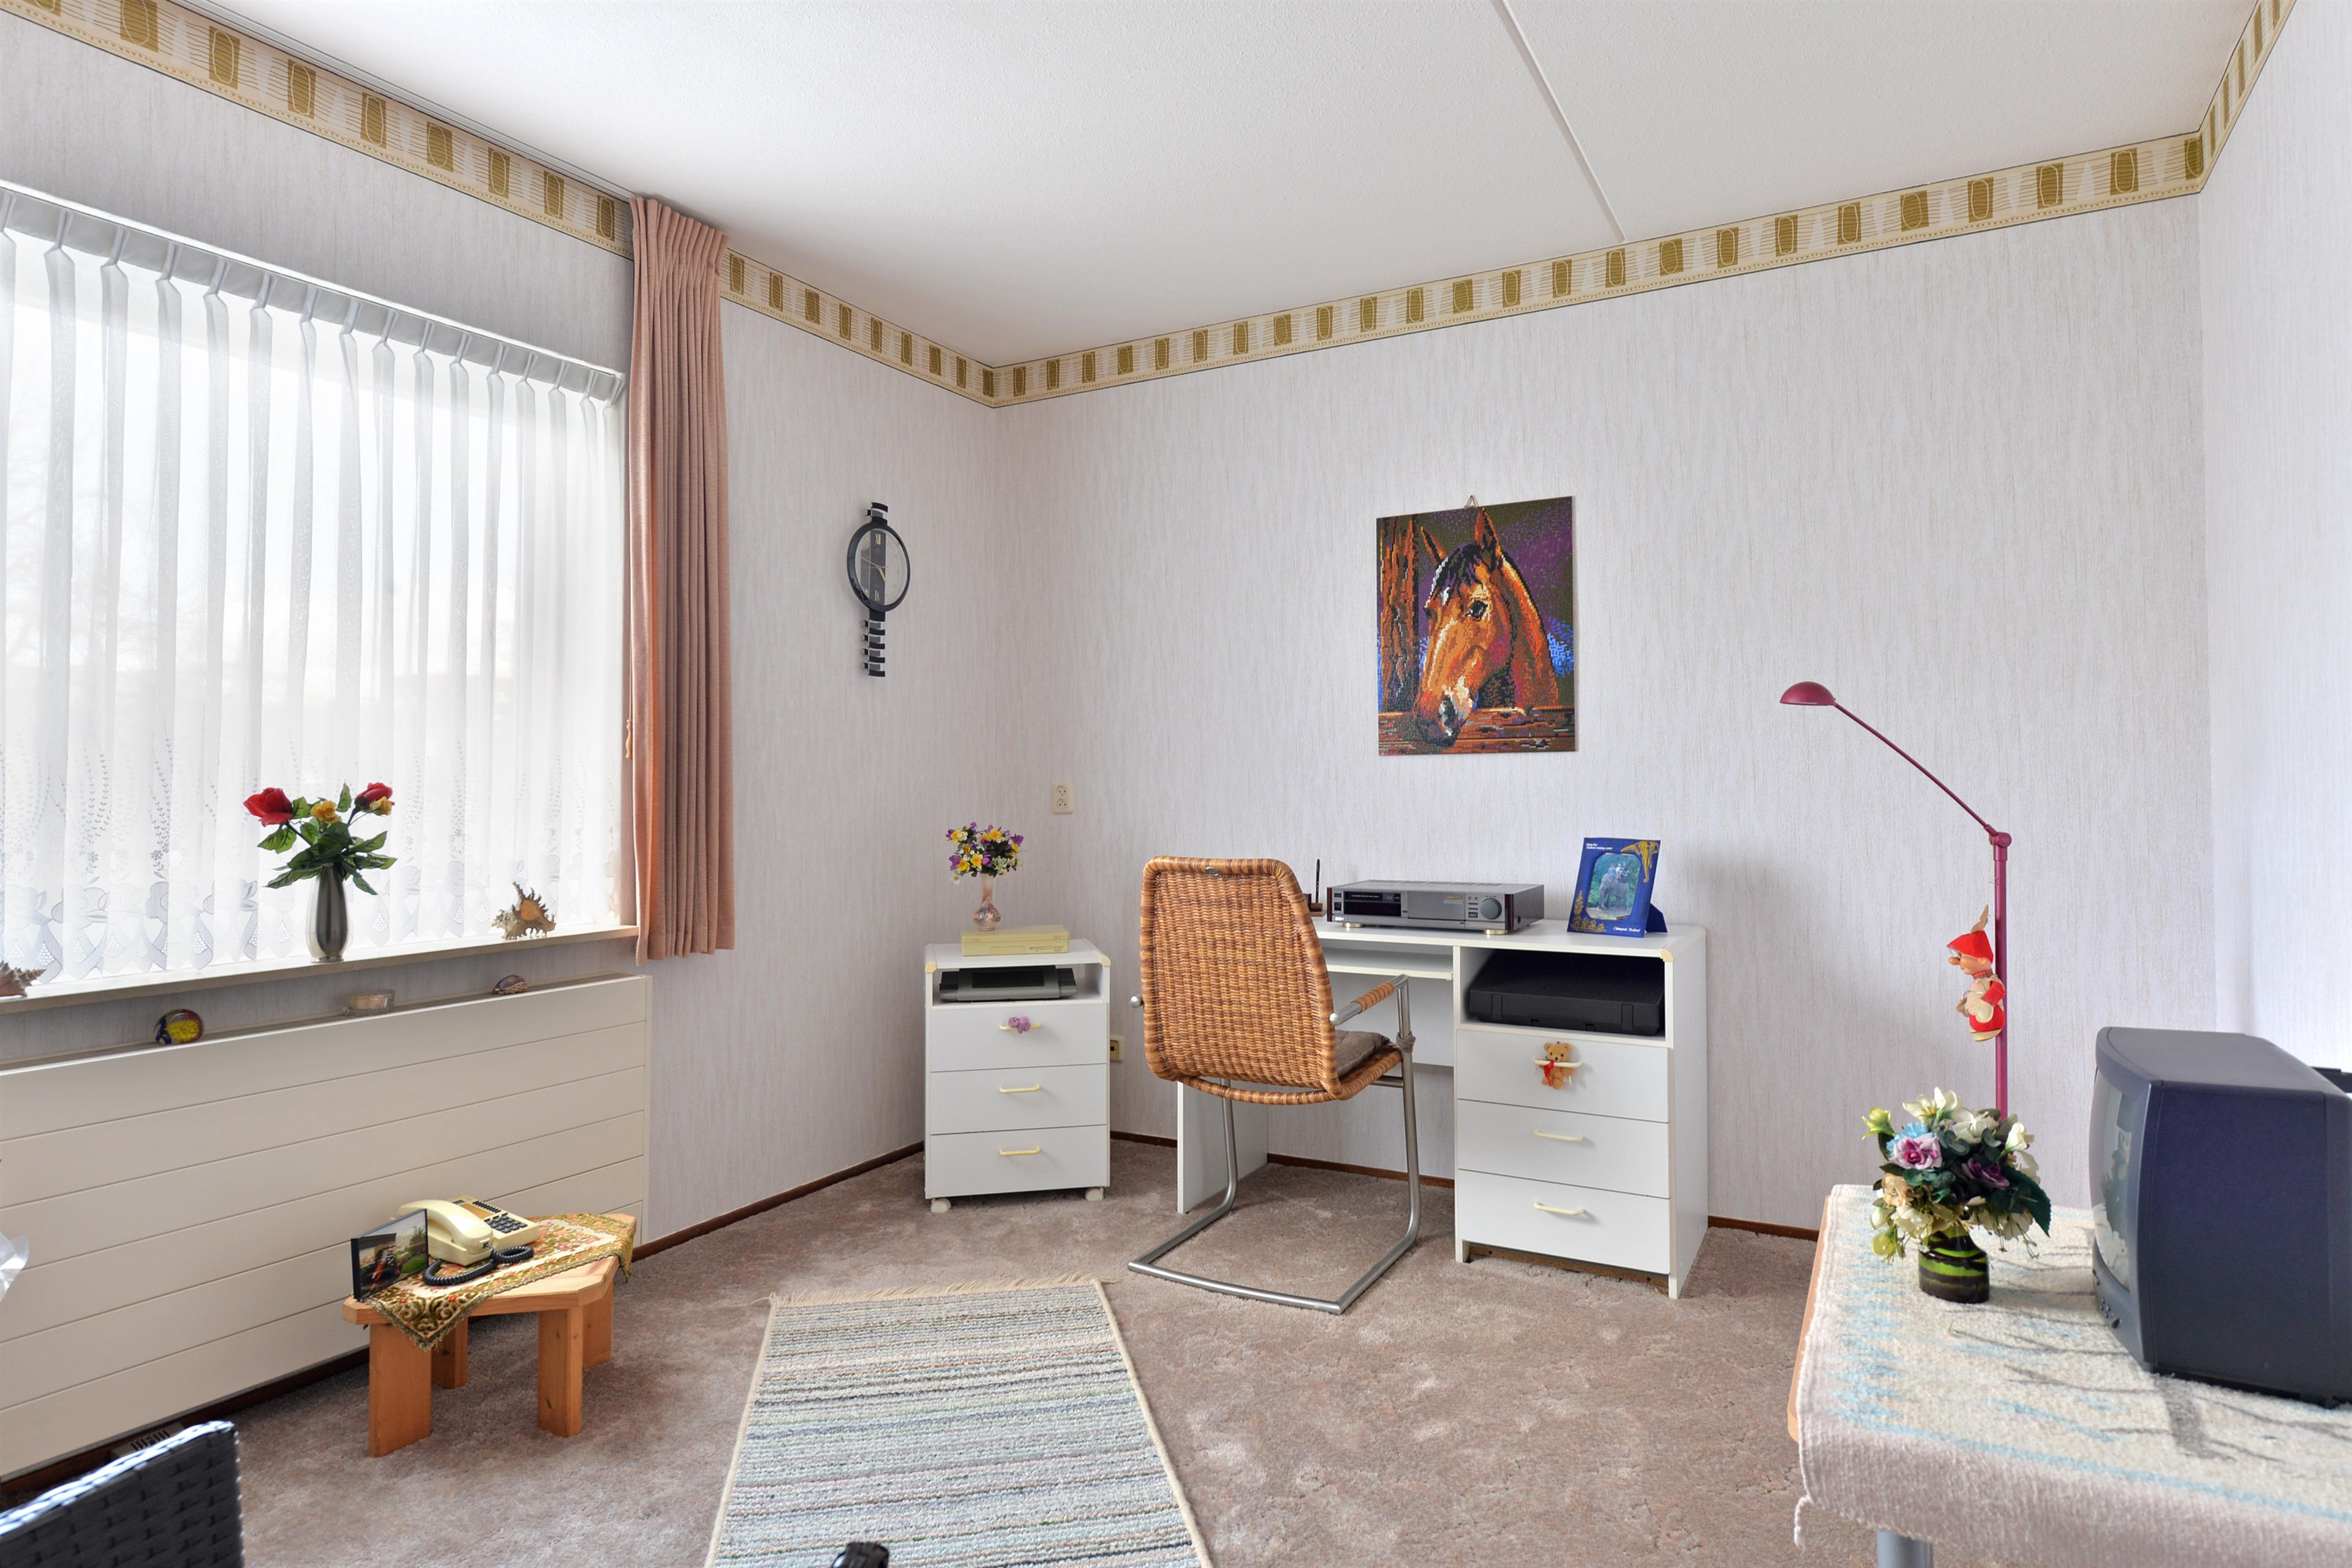 Te koop: Fanfarehof 11, Zaandam - Hoekstra en van Eck - Méér makelaar